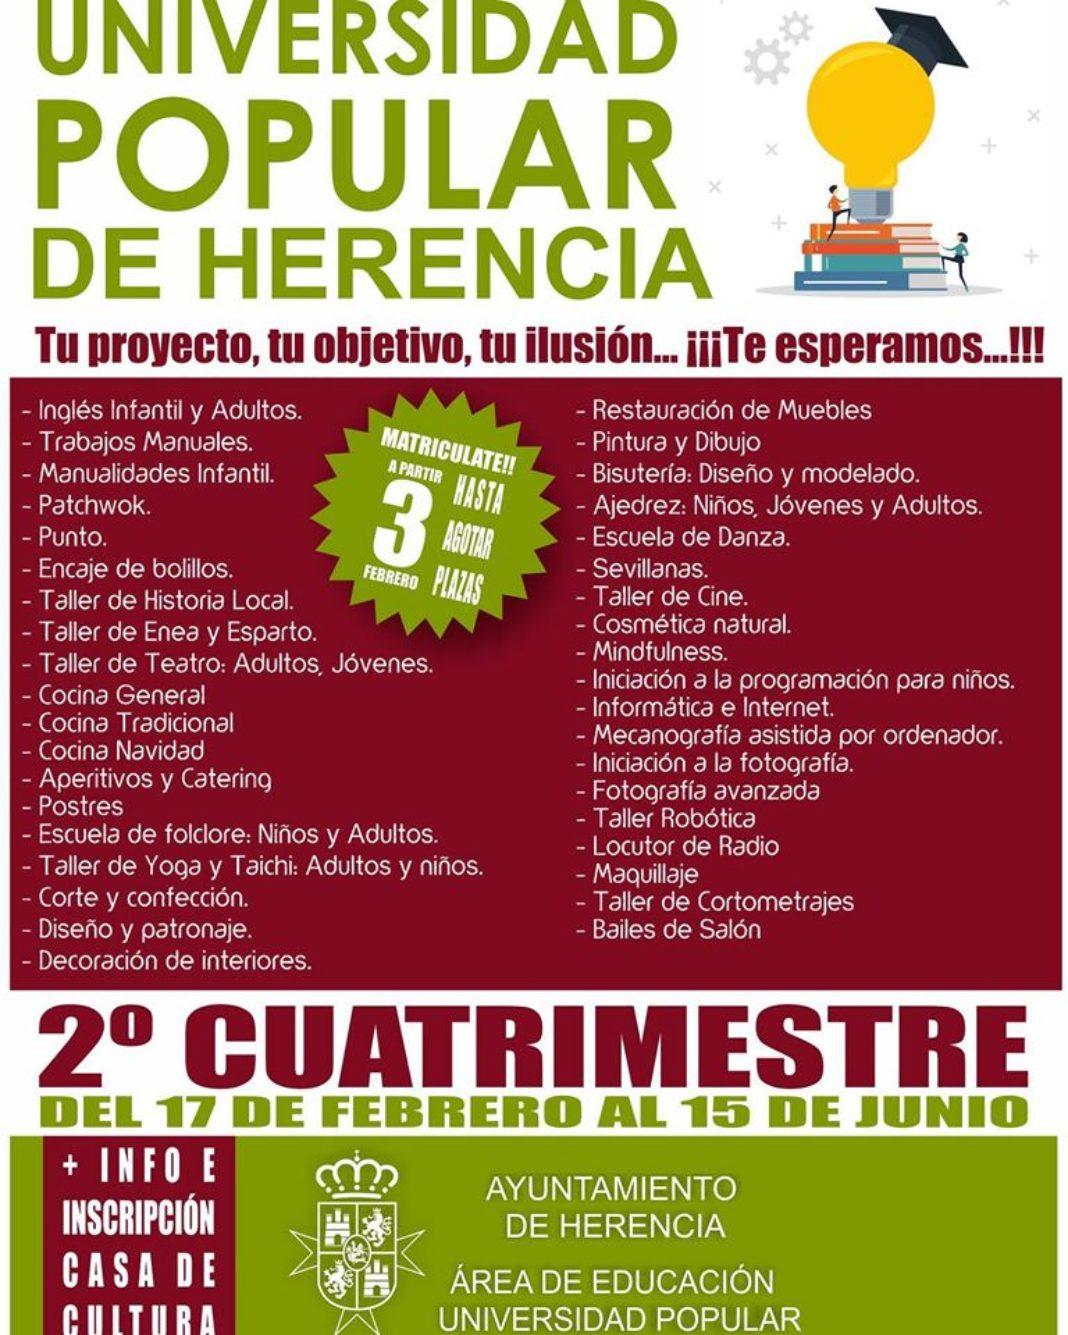 Matrícula abierta para el segundo cuatrimestre de la Universidad Popular de Herencia 4